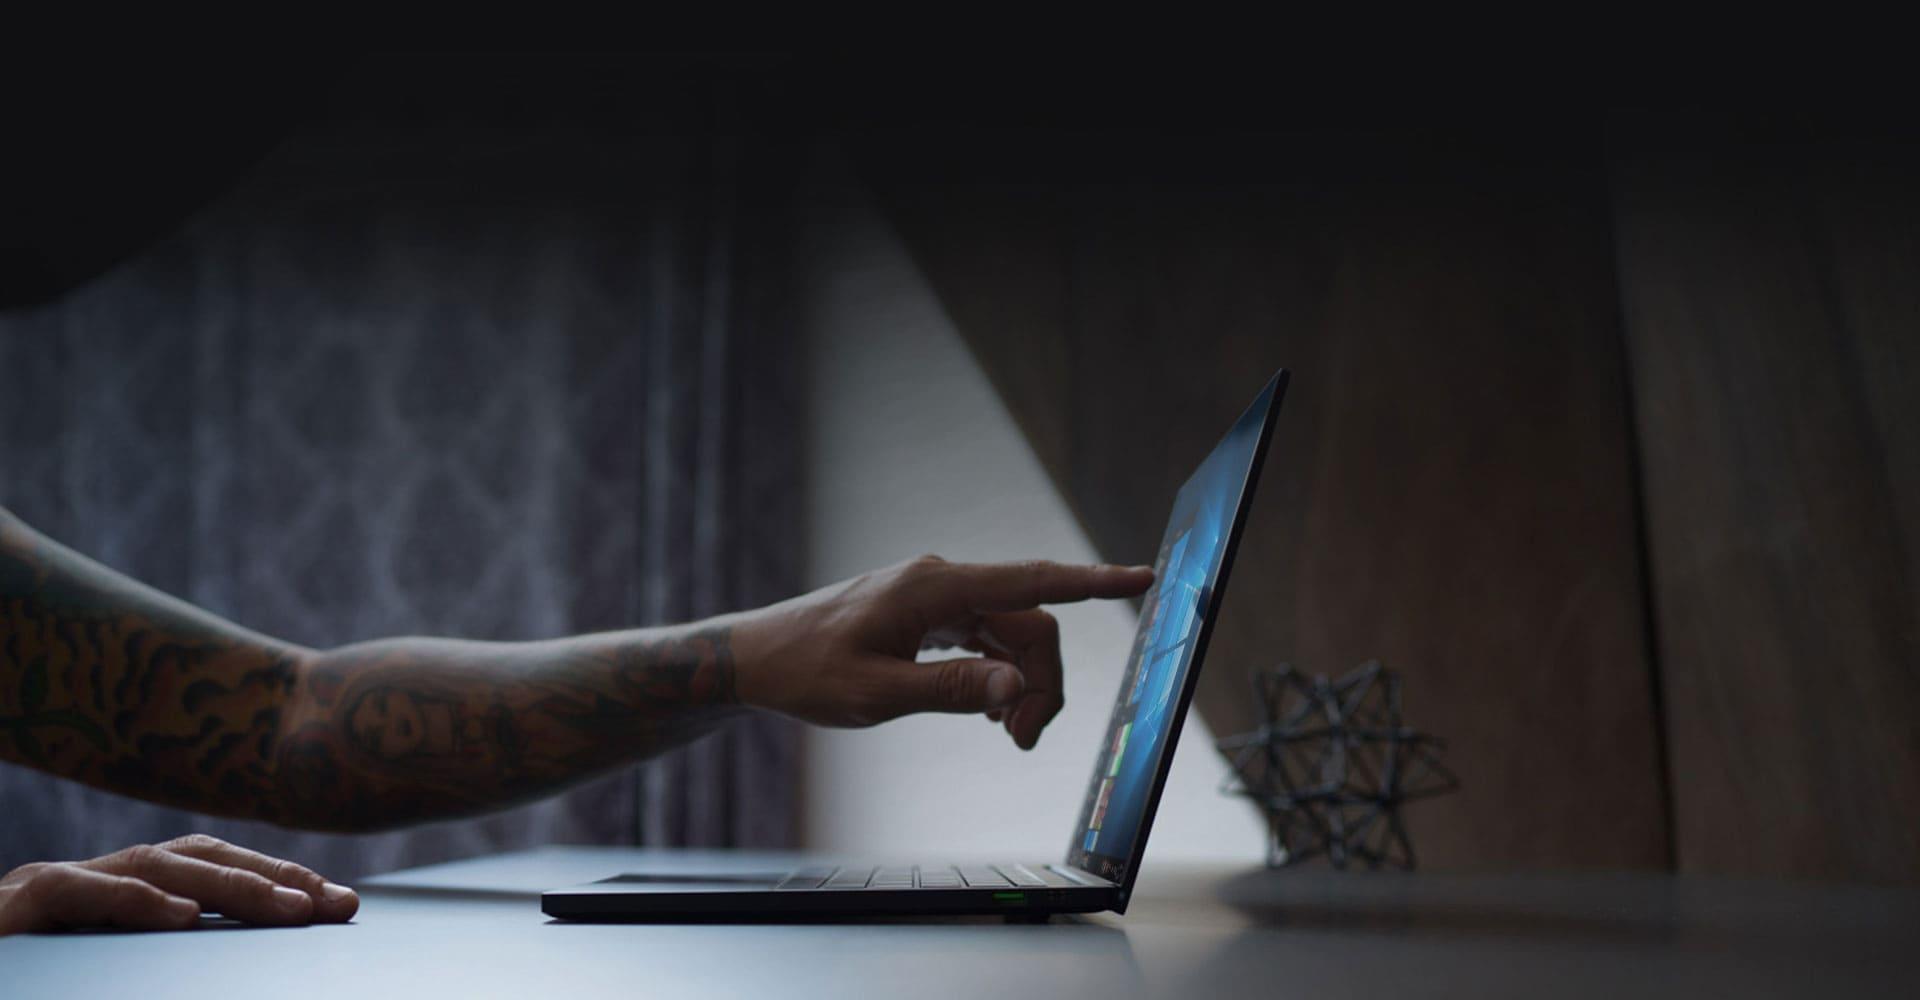 4K-Display mit Touchscreen-Funktion für die absolute Steigerung der Produktivität